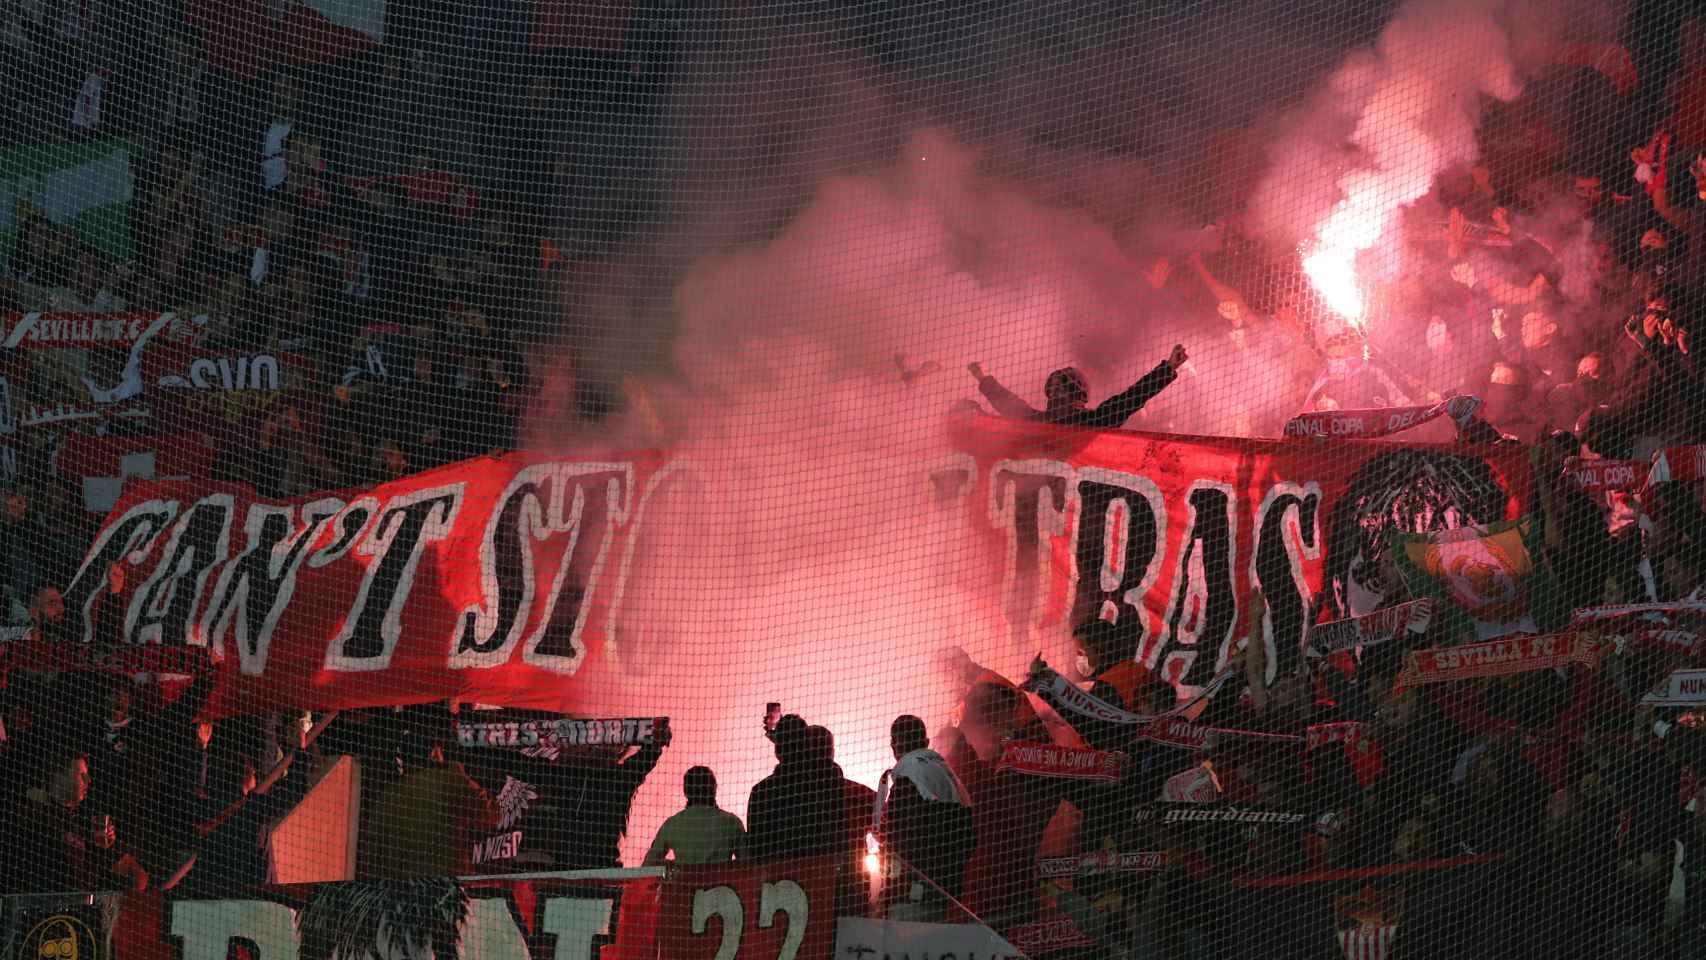 La afición del Sevilla, con bengalas en las gradas del estadio del Lille